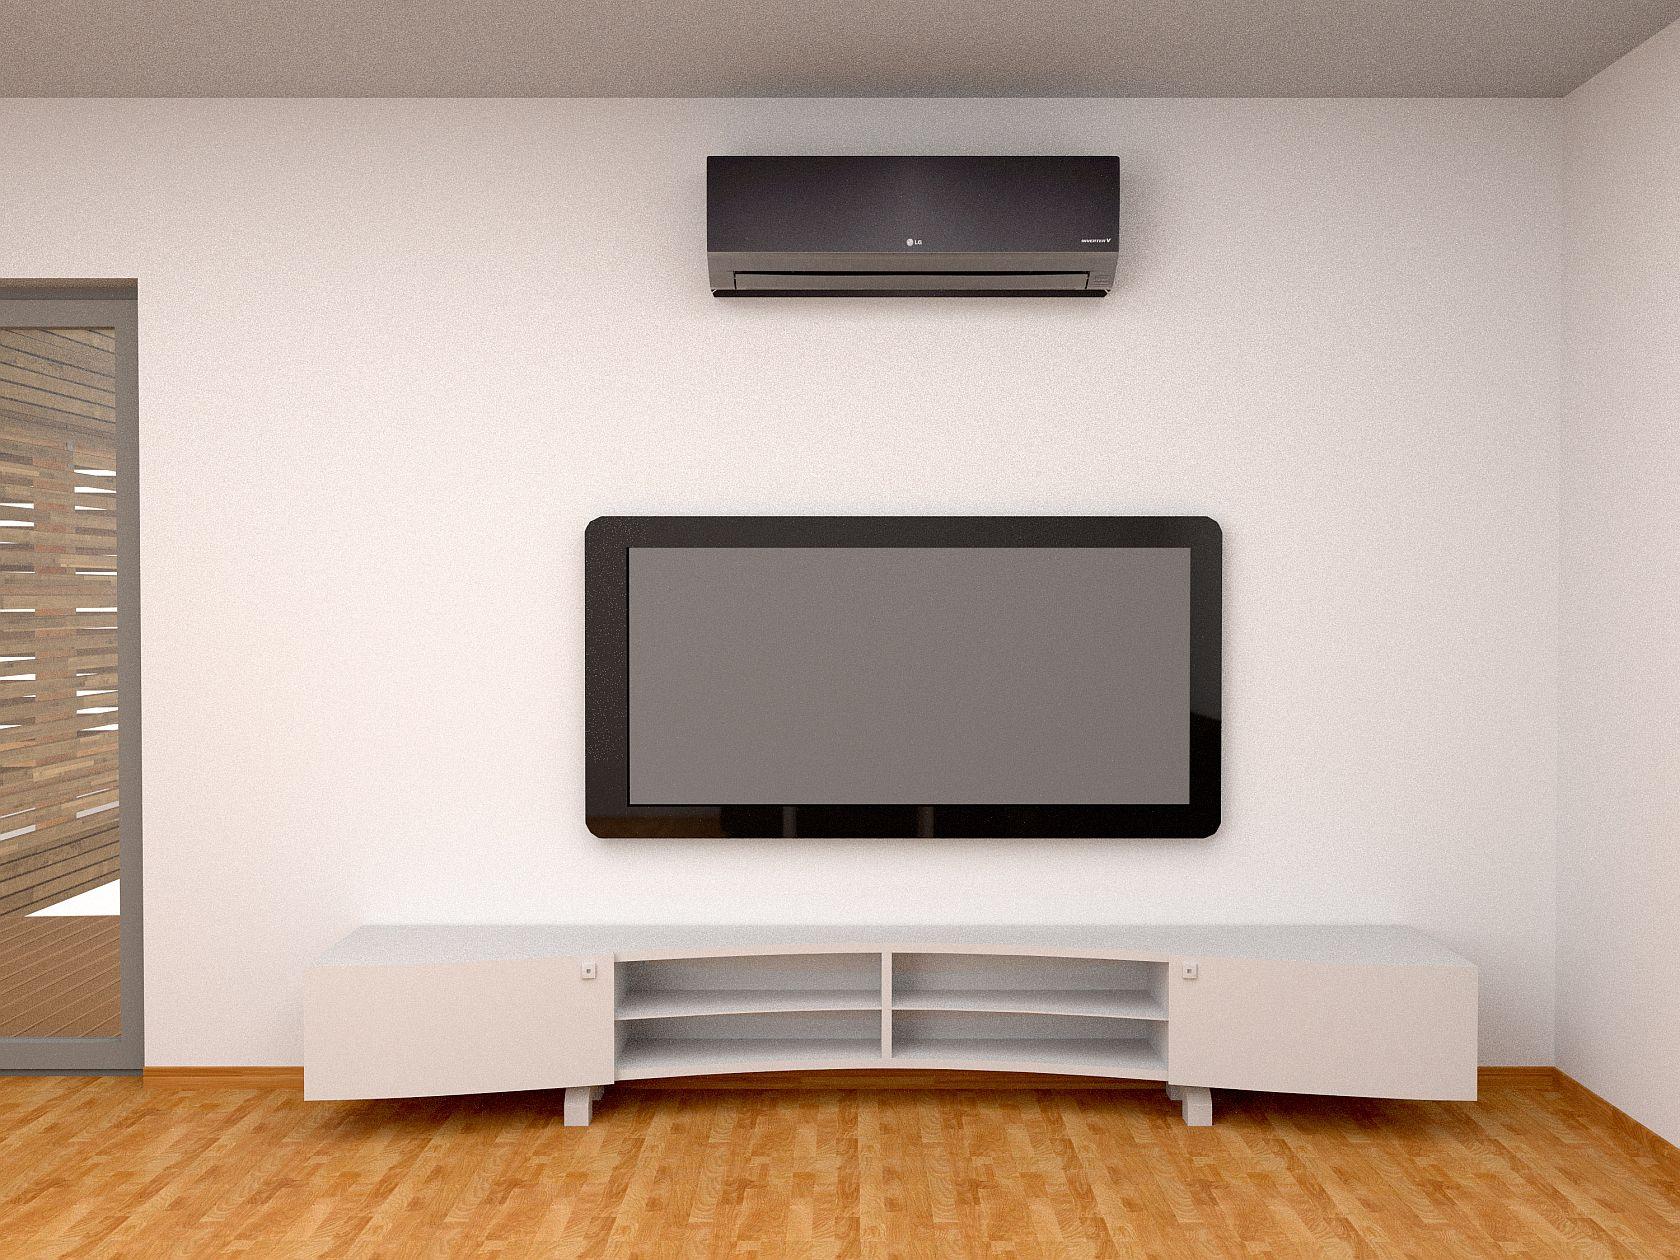 weick klimatechnik klimaanlagen f r b ro praxis labor industrie und eigenheim klimager te. Black Bedroom Furniture Sets. Home Design Ideas